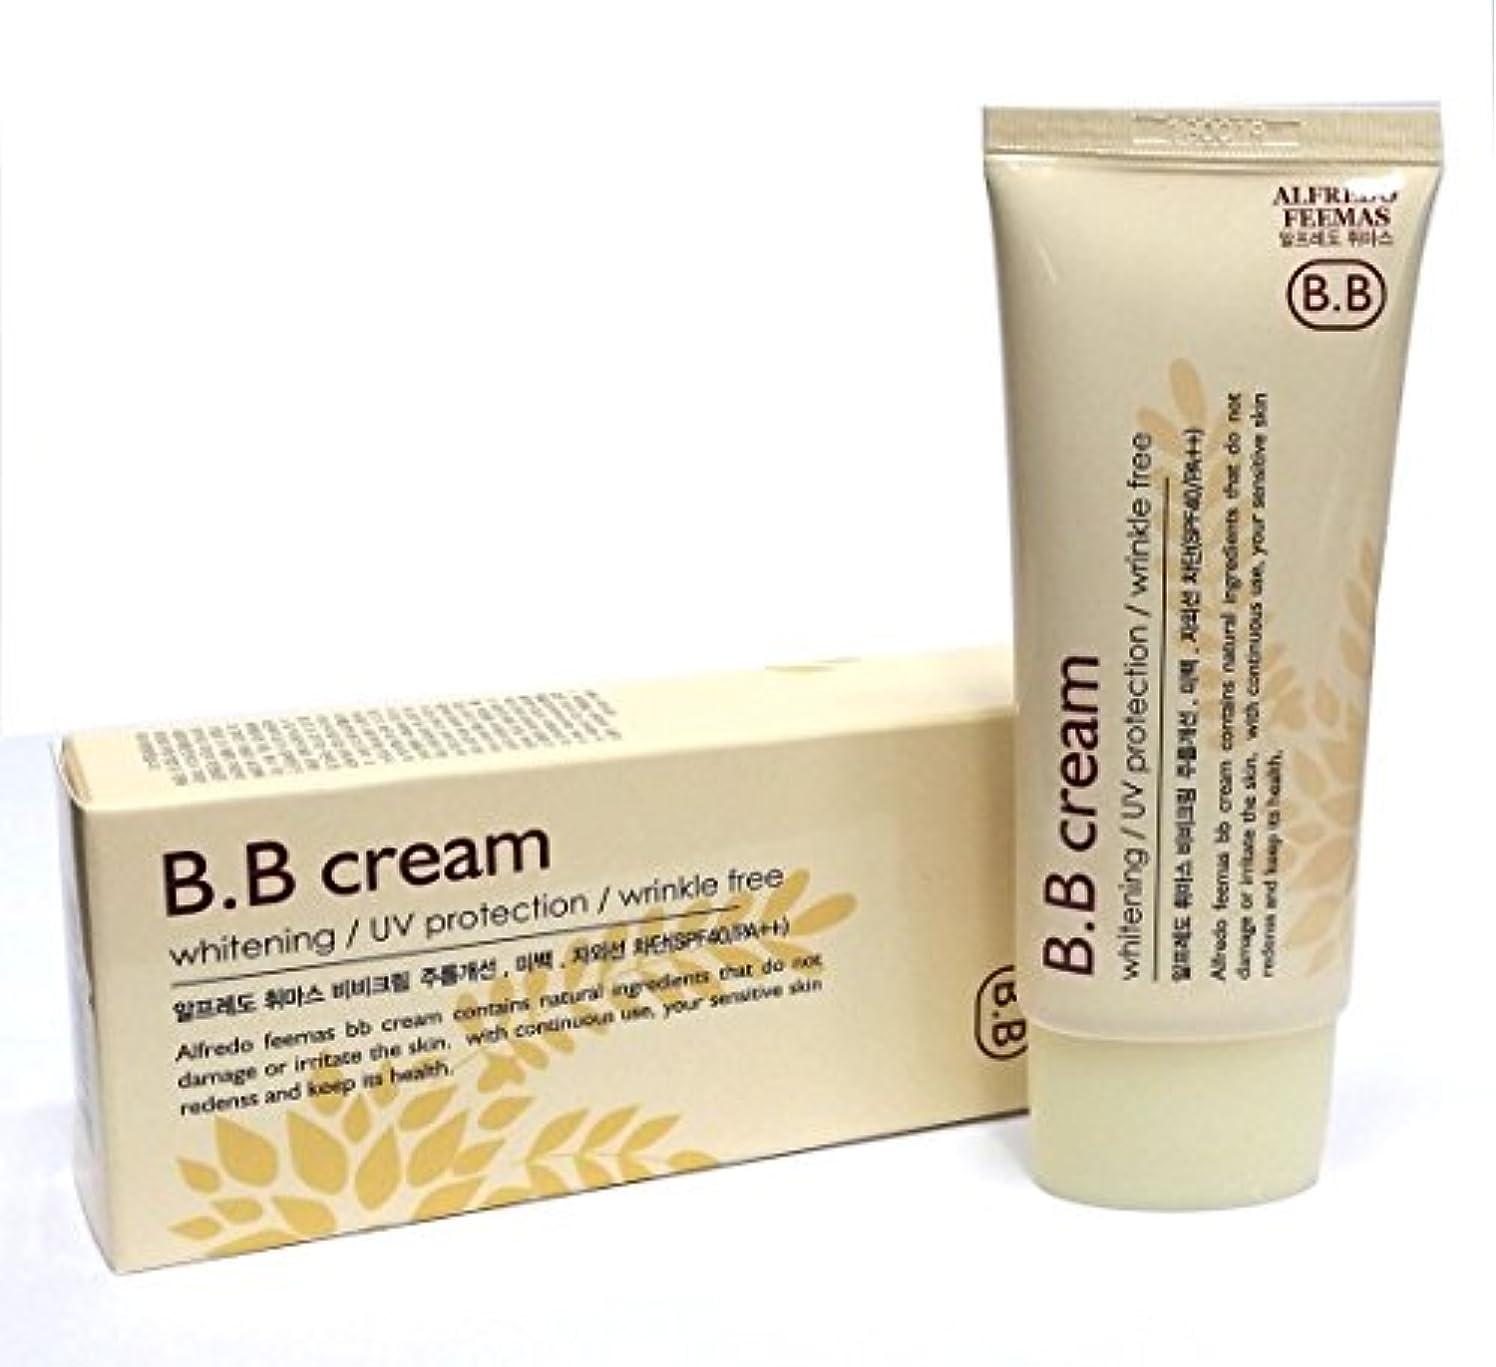 パーティションサイレンボスアルフレッドフェイマスBBクリーム50ml X 3ea / Alfredo feemas BB cream 50ml X 3ea / ホワイトニング、しわ、UVプロテクション(SPF40 PA ++)/ Whitening...